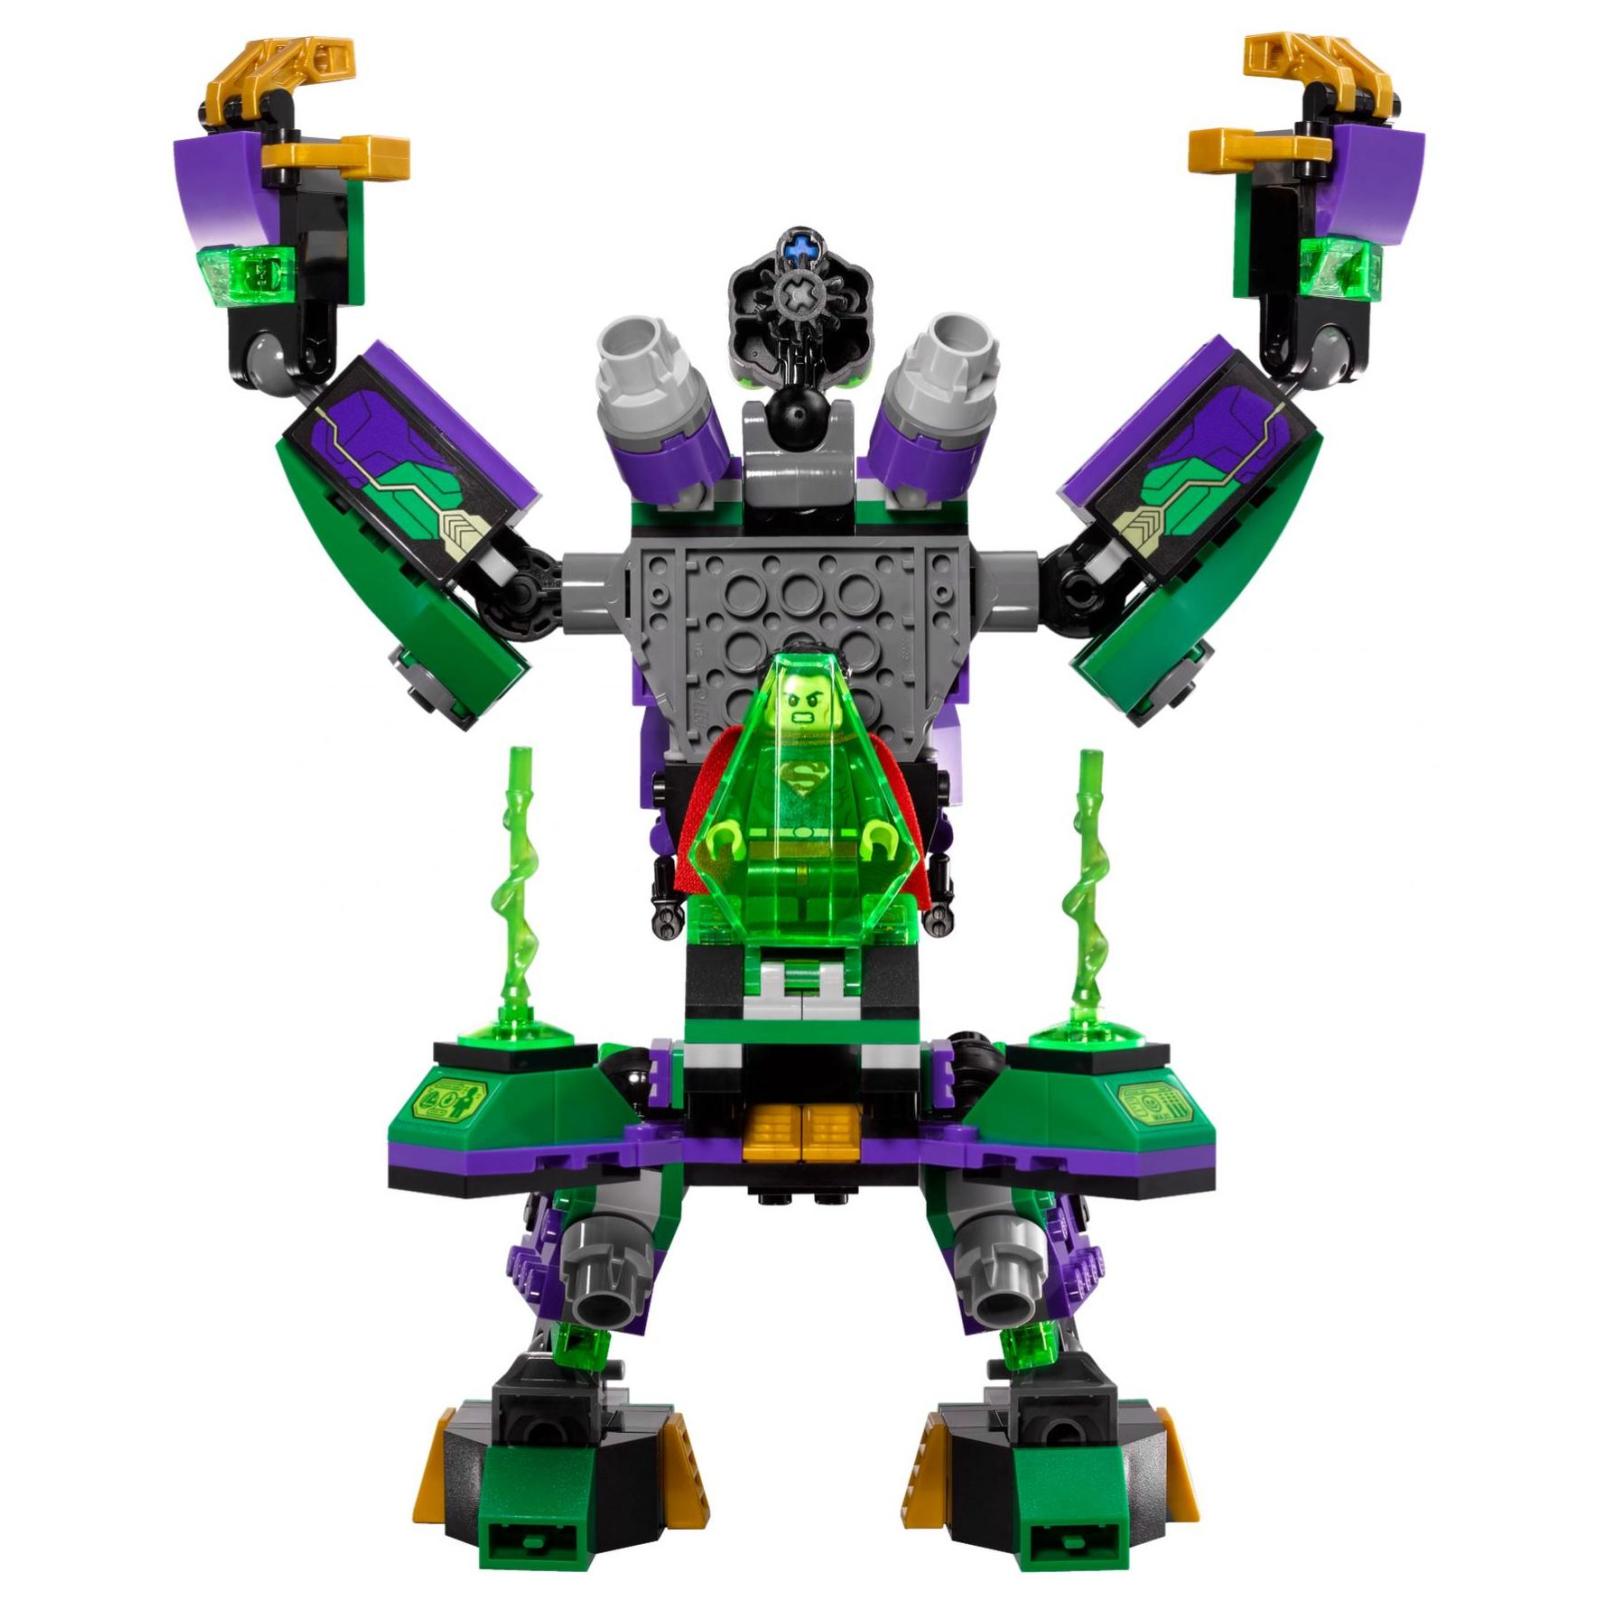 Конструктор LEGO Super Heroes Робоштурм Лекс Лютор (76097) изображение 5